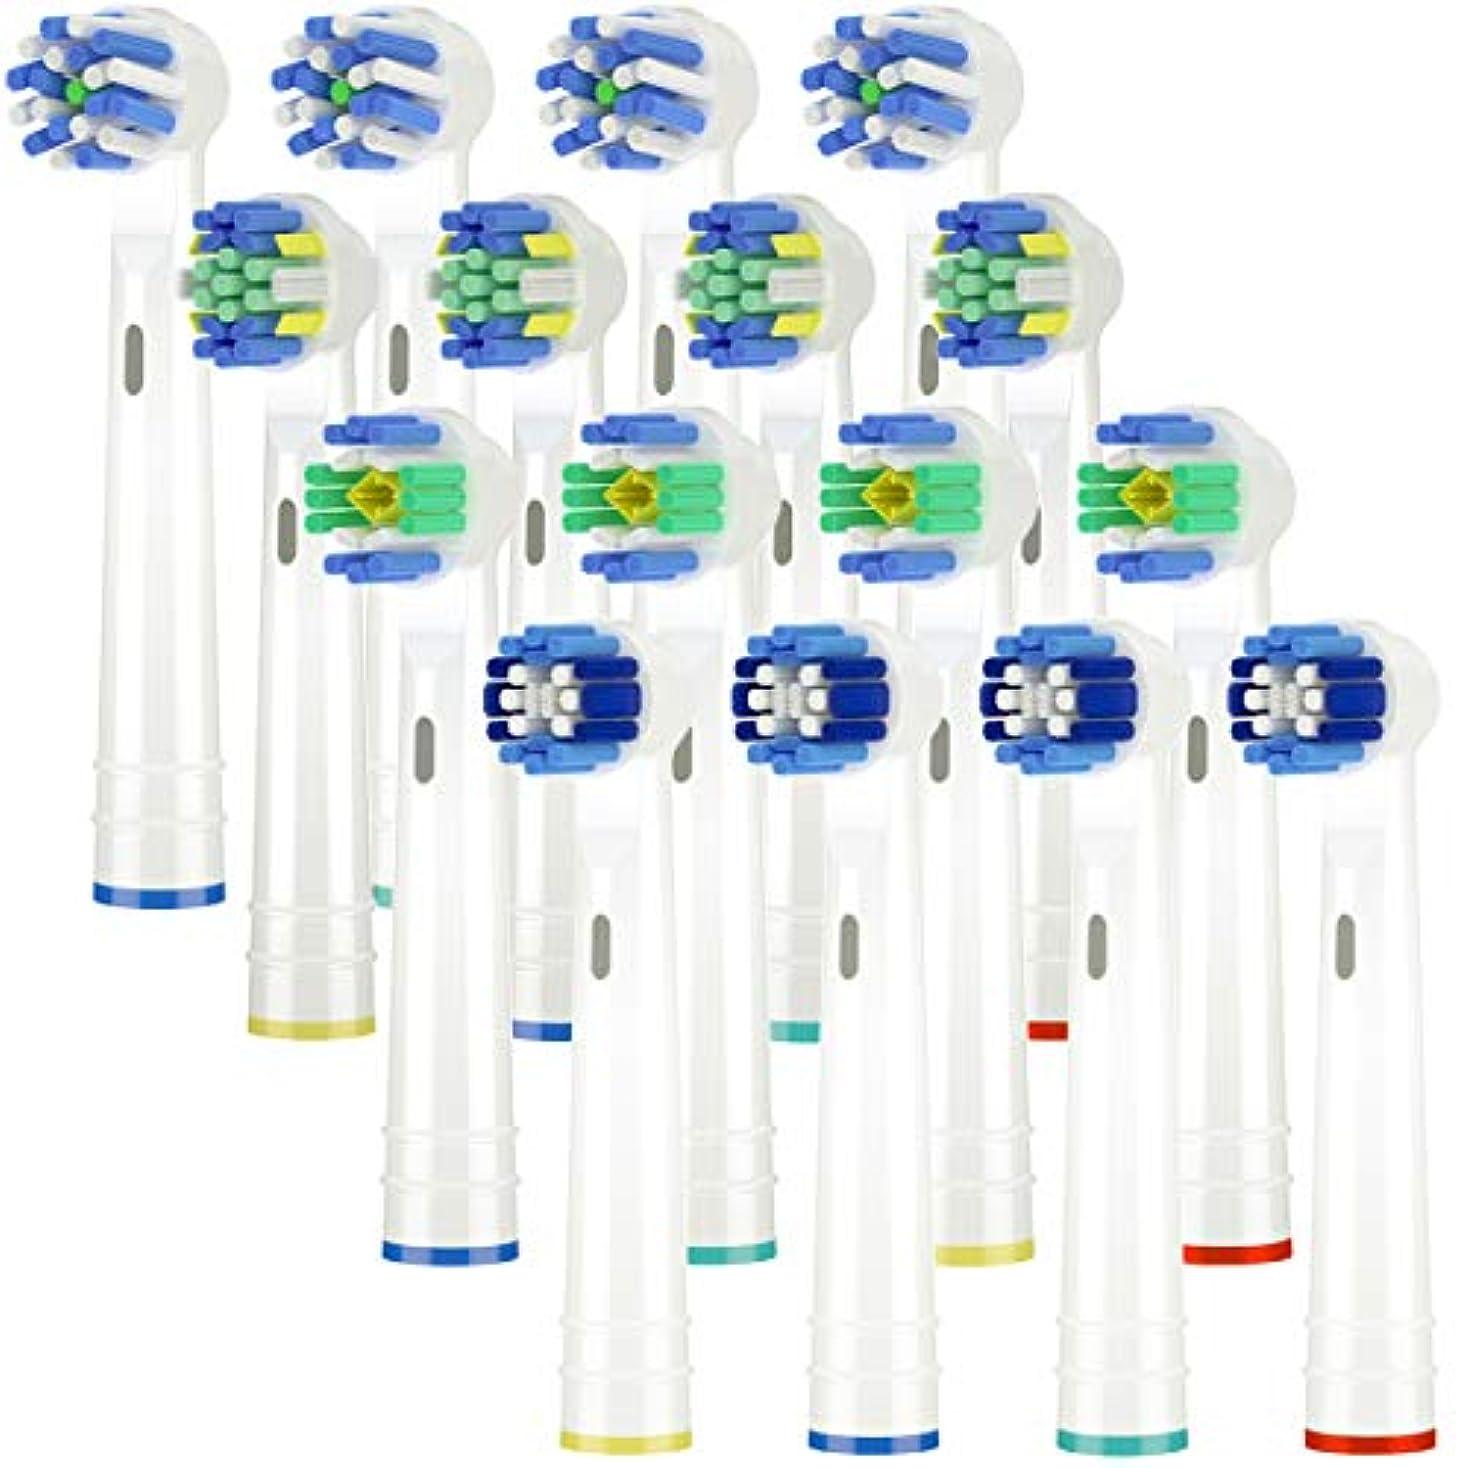 心理学誕生日モッキンバードItechnik 電動歯ブラシ 替えブラシ ブラウン オーラルB 対応 替えブラシ 4種類が入り:ホワイトニングブラシ 、ベーシックブラシ、歯間ワイパー付きブラシ、マルチアクションブラシ 凡用な16本